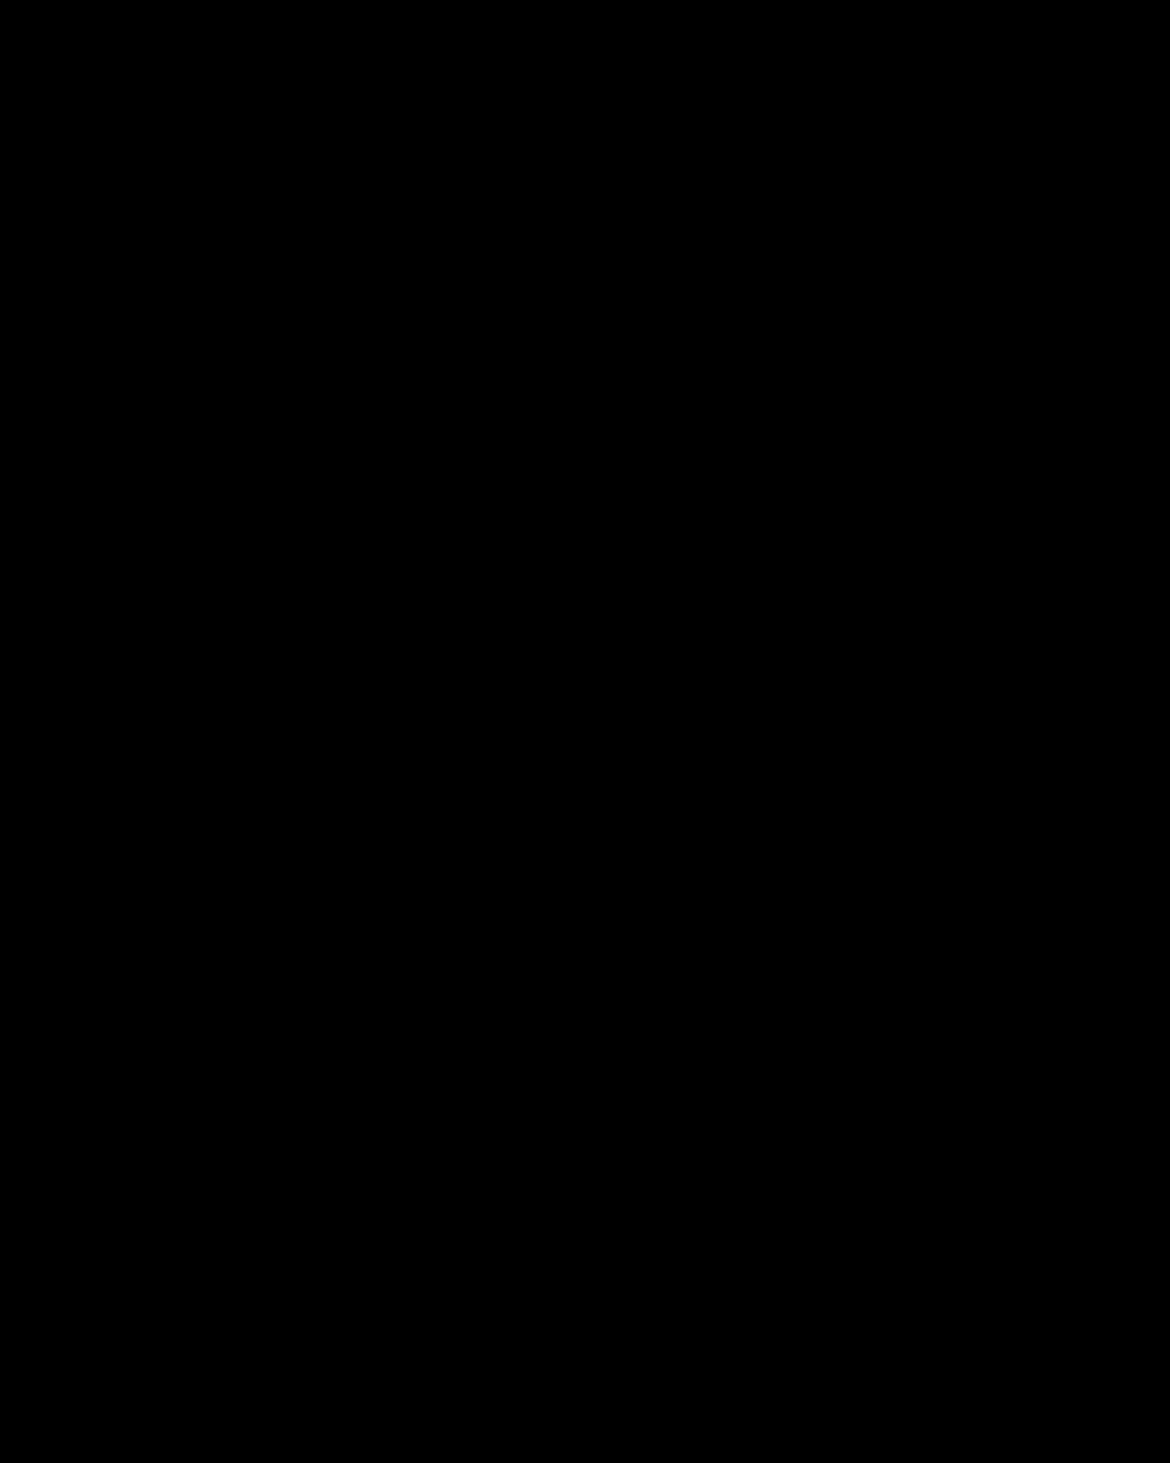 Pranzo hotel bellevue - Croazia on the road: Da Dubrovnik a Zagreb